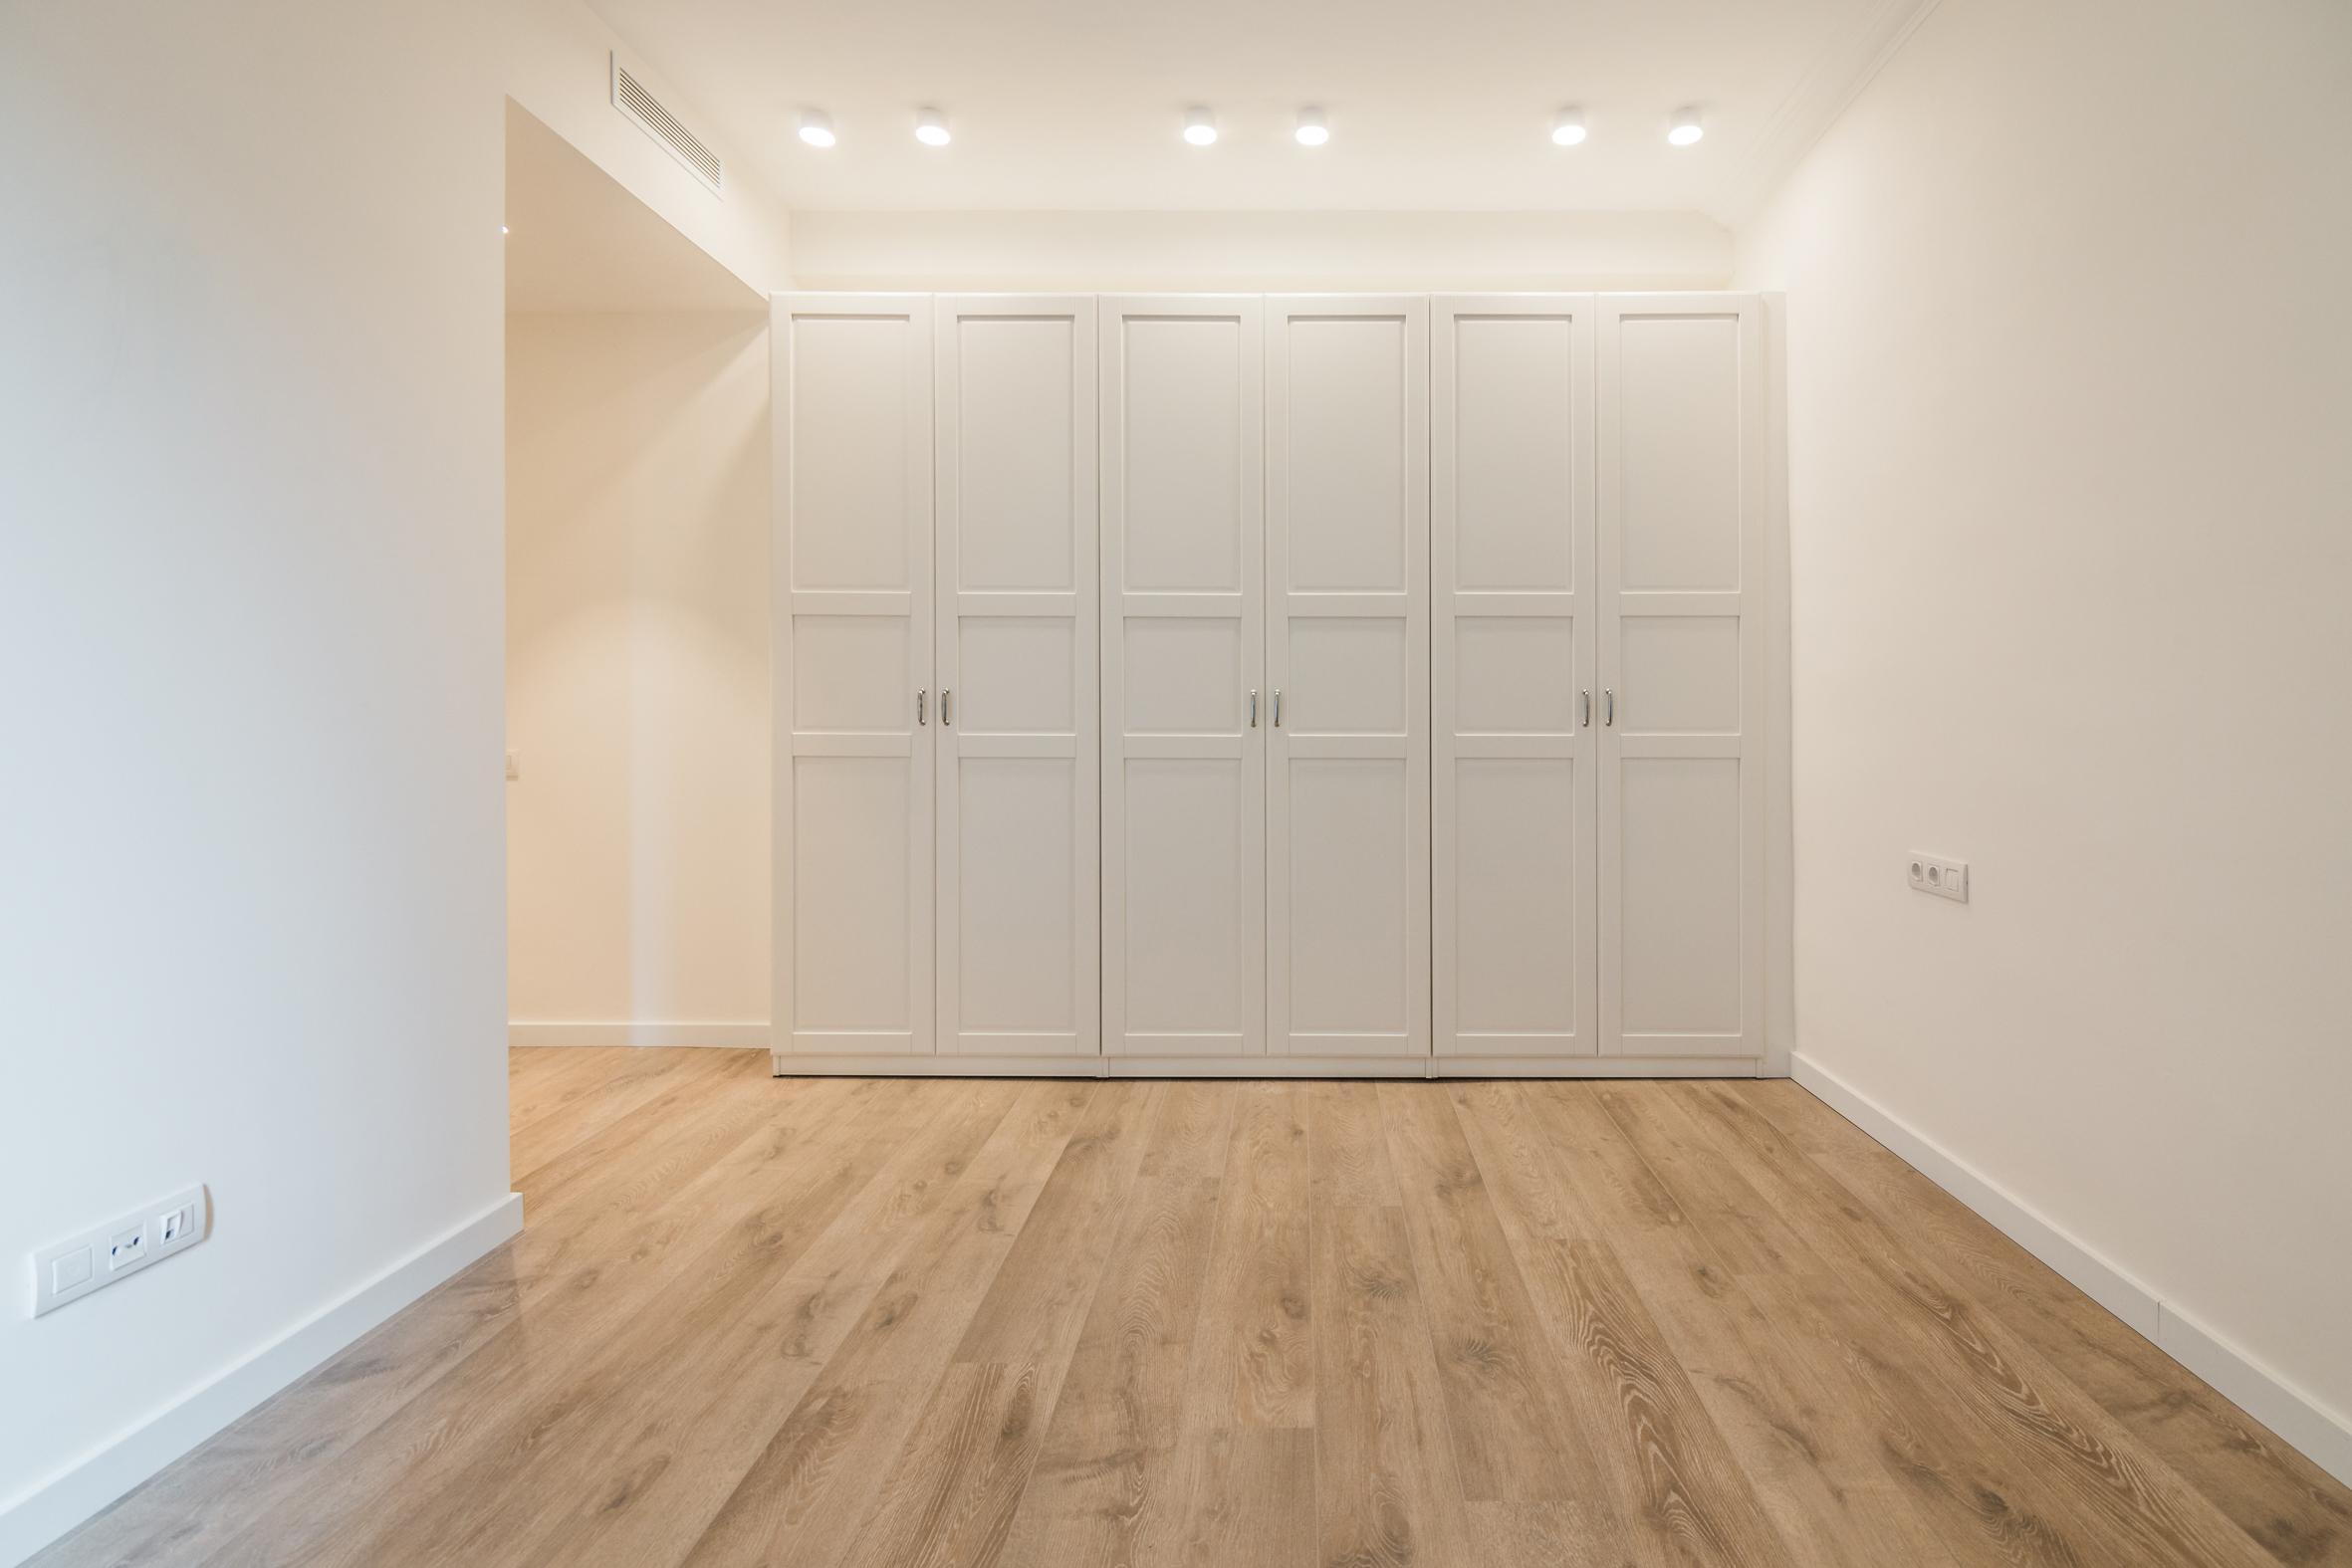 202959 Apartamento en venda en Sarrià-Sant Gervasi, St. Gervasi-Bonanova 6